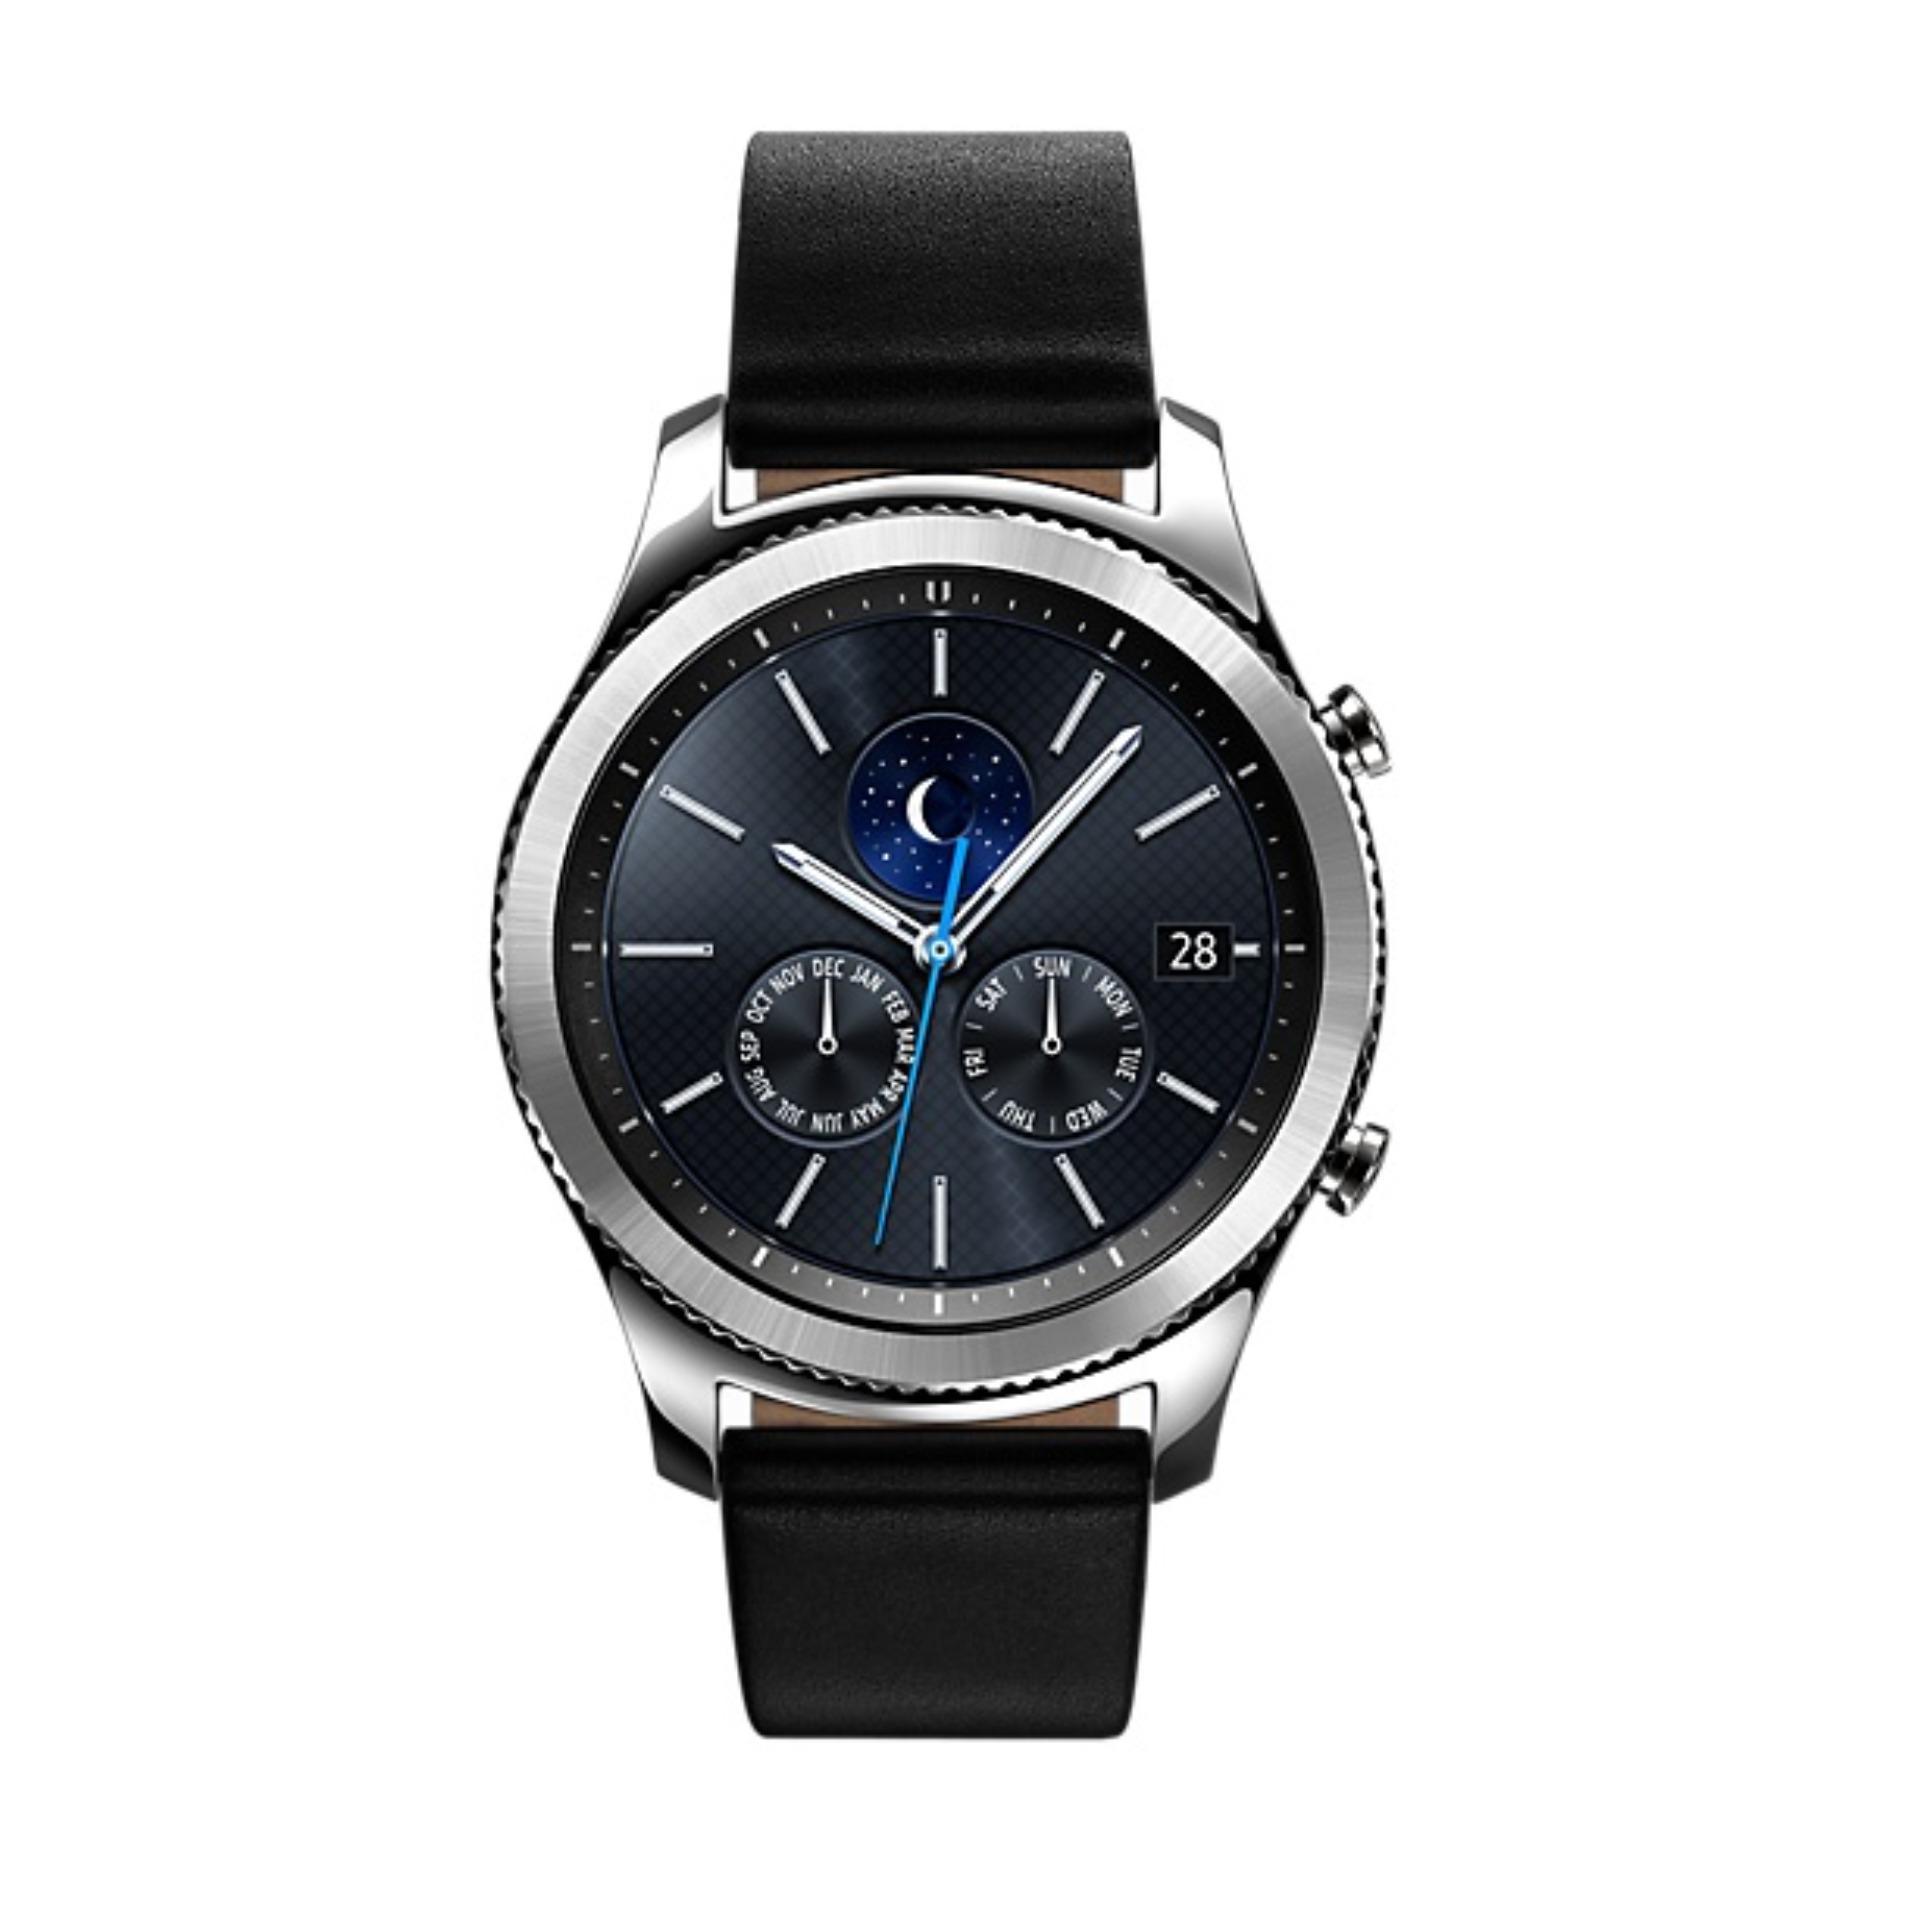 Jual Samsung Smartwatch Gear S3 Classic Sm R770Nzsaxsp Hitam Lengkap